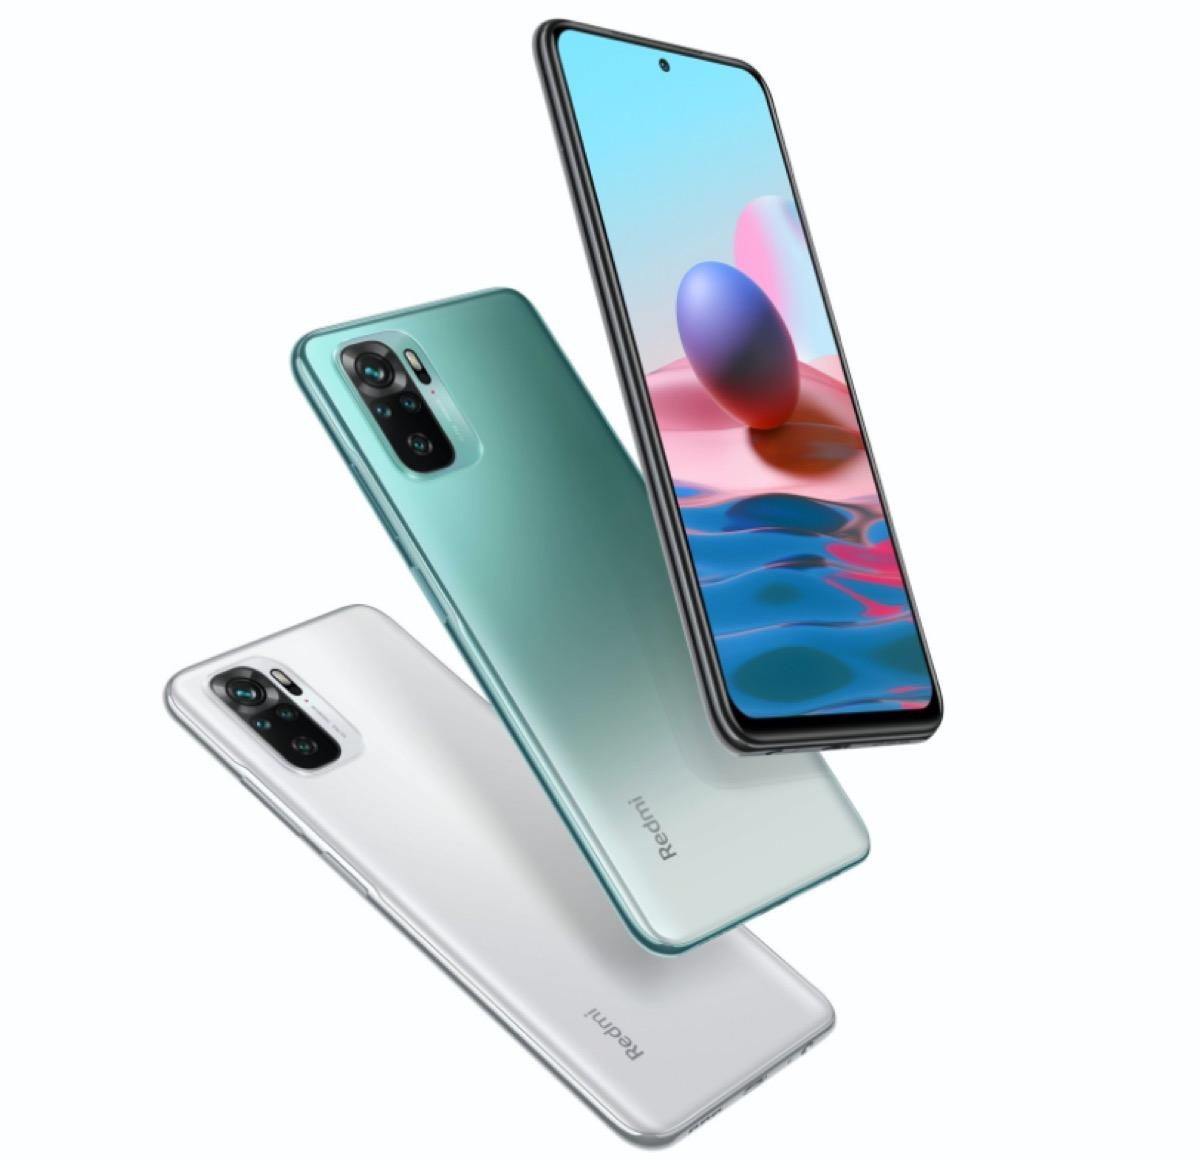 Redmi presenta Note 10, 10s, 10 Pro e Note 10 5G